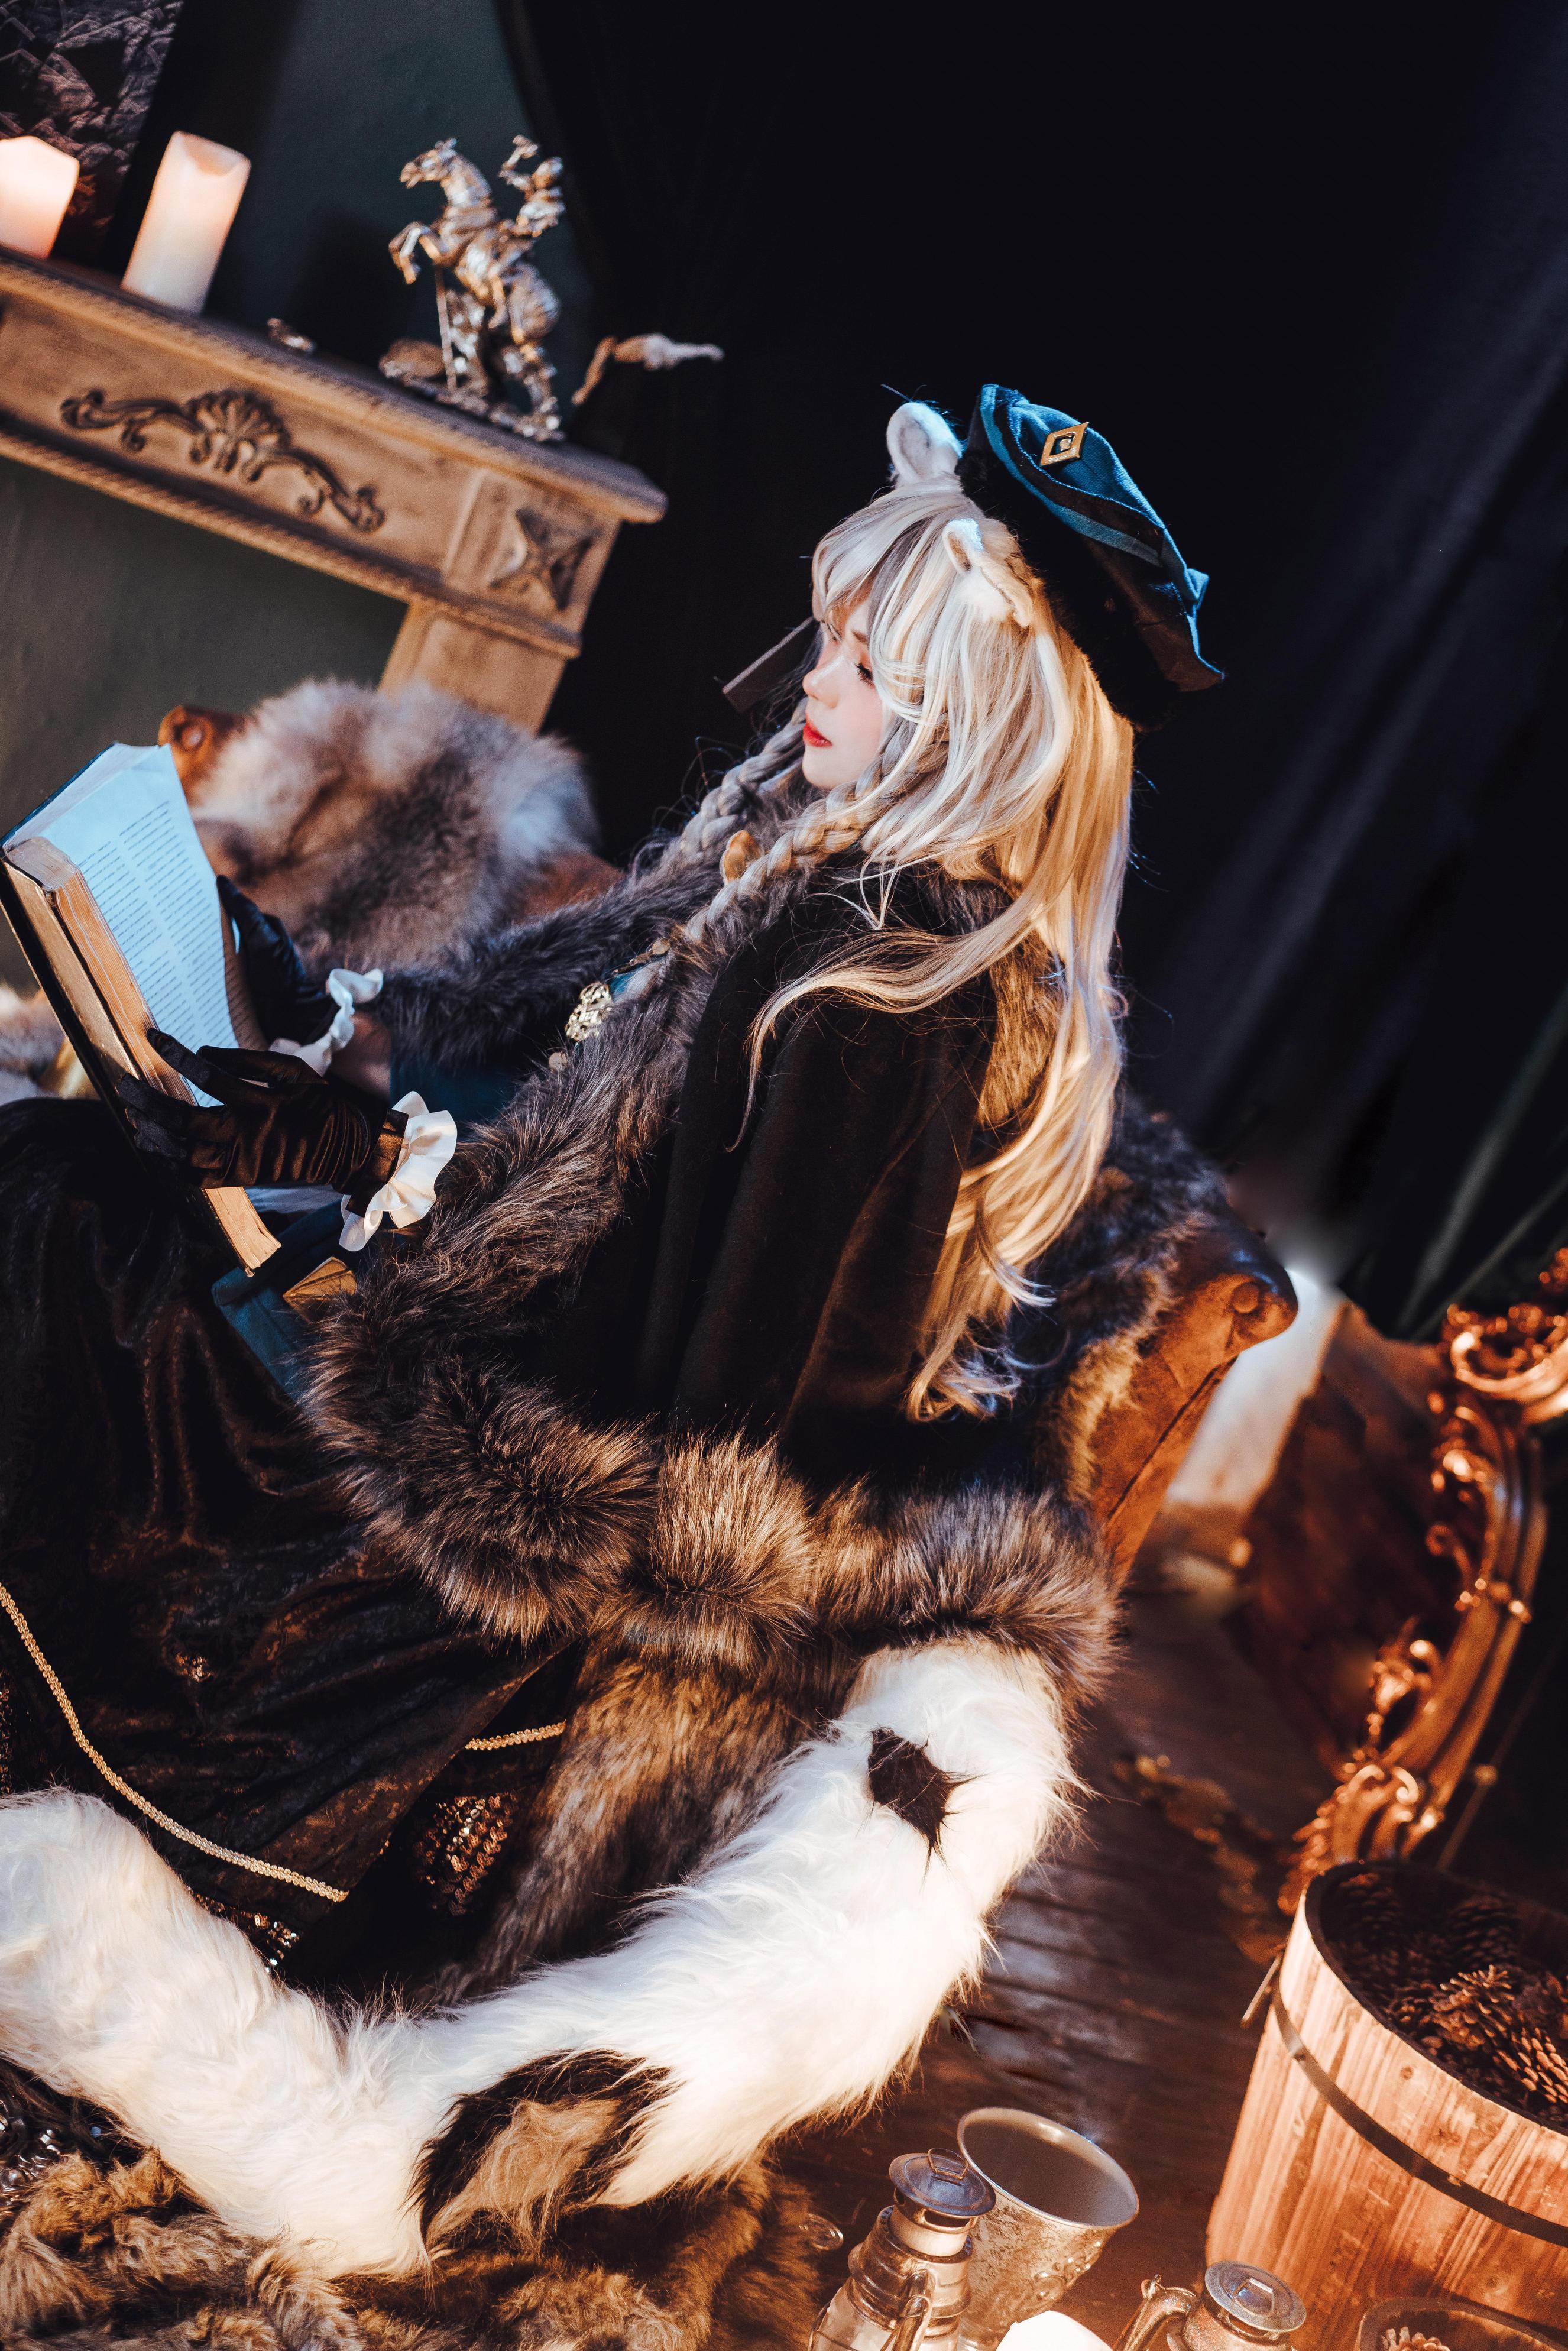 《明日方舟》正片cosplay【CN:JIUJ】-第10张